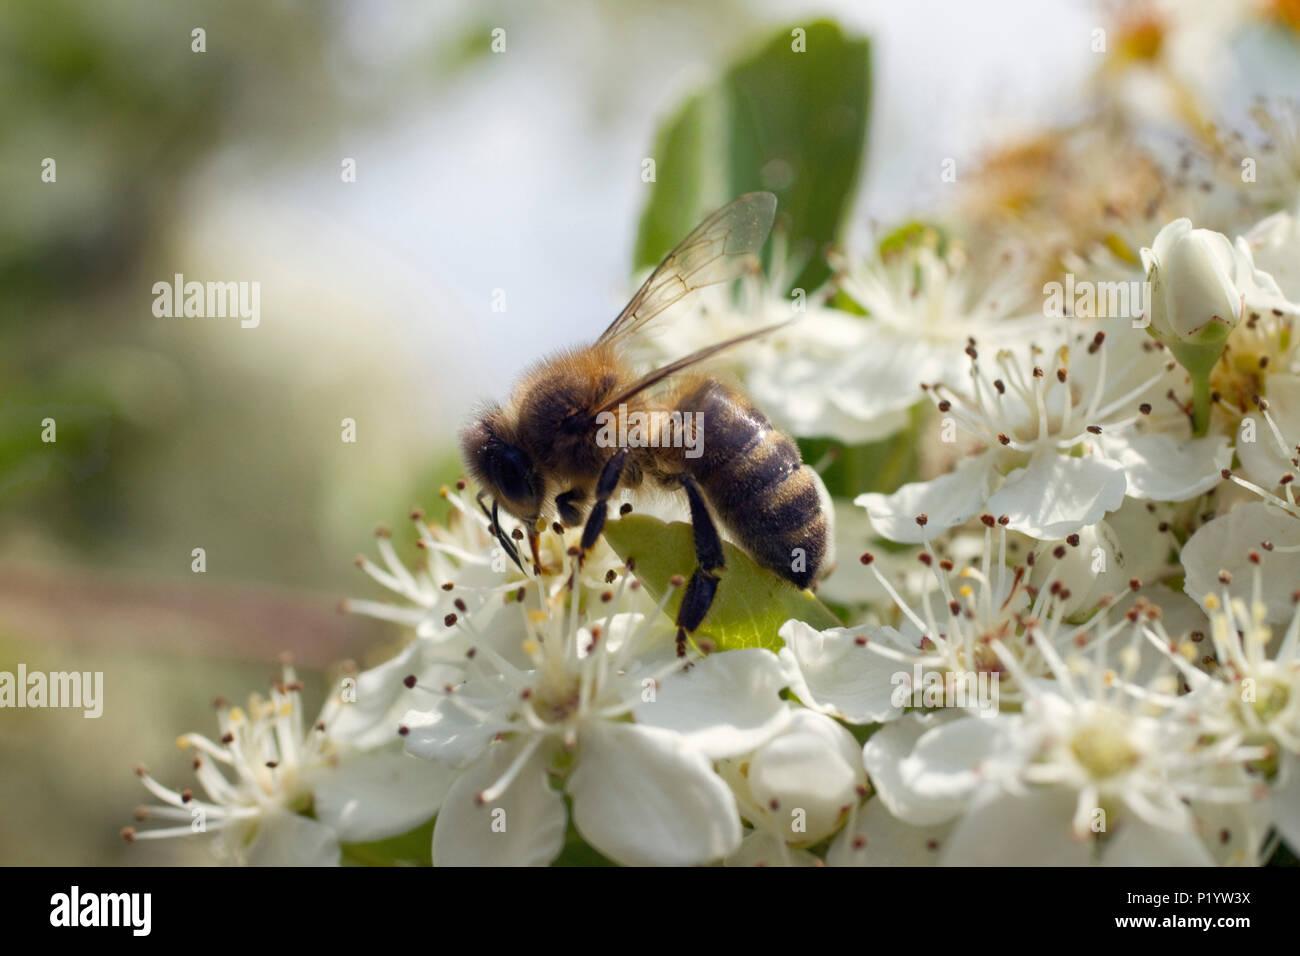 Close-up su un ape nettare di raccolta su una siepe di Bloom. Immagini Stock